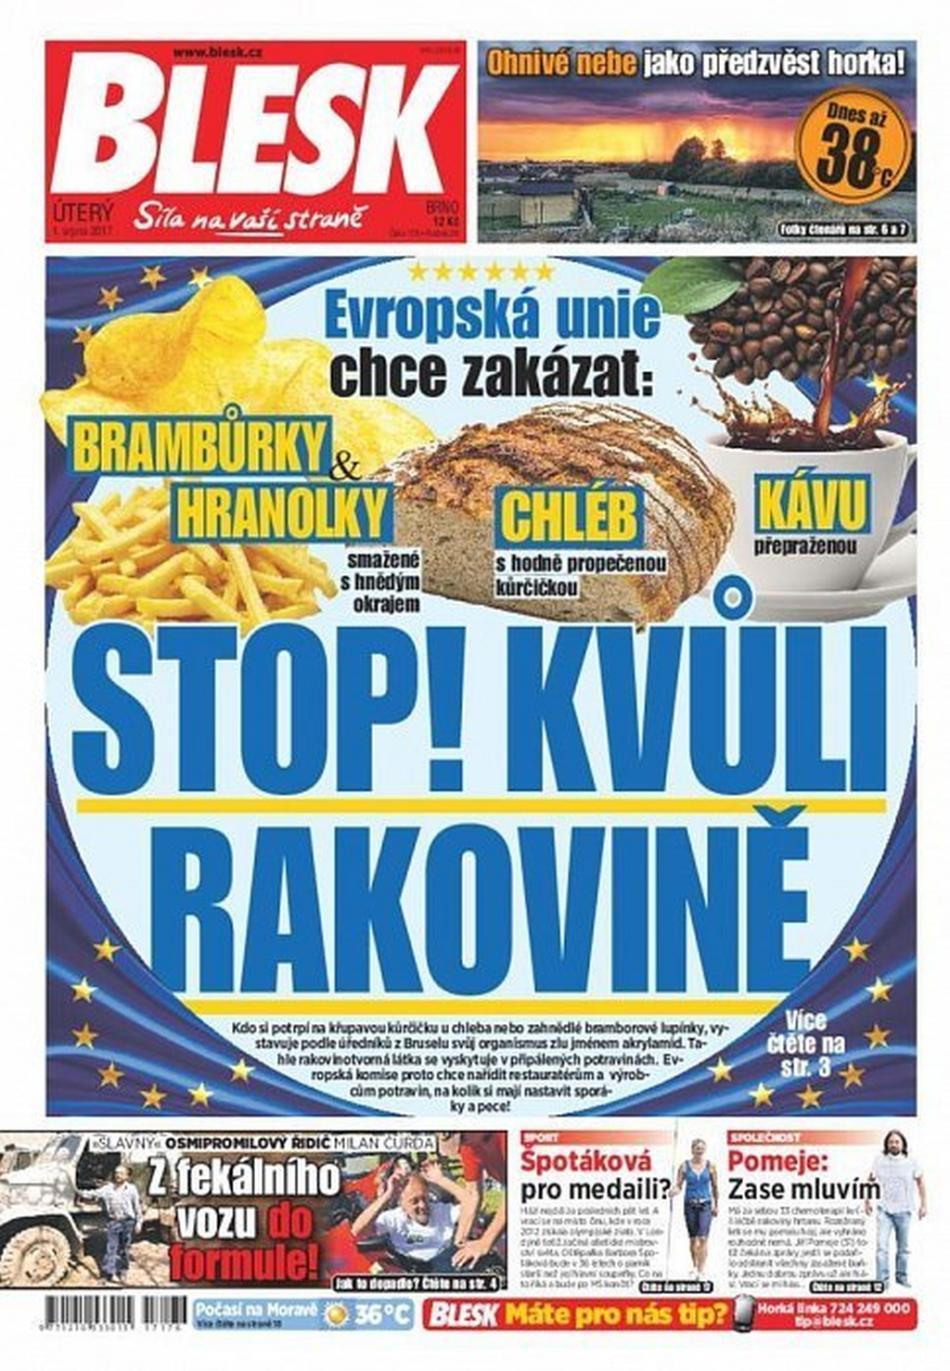 """Titulní strana deníku Blesk z 1. srpna 2017: """"Stop! Kvůli rakovině – Evropská unie chce zakázat: Brambůrky, hranolky, chléb a kávu"""""""